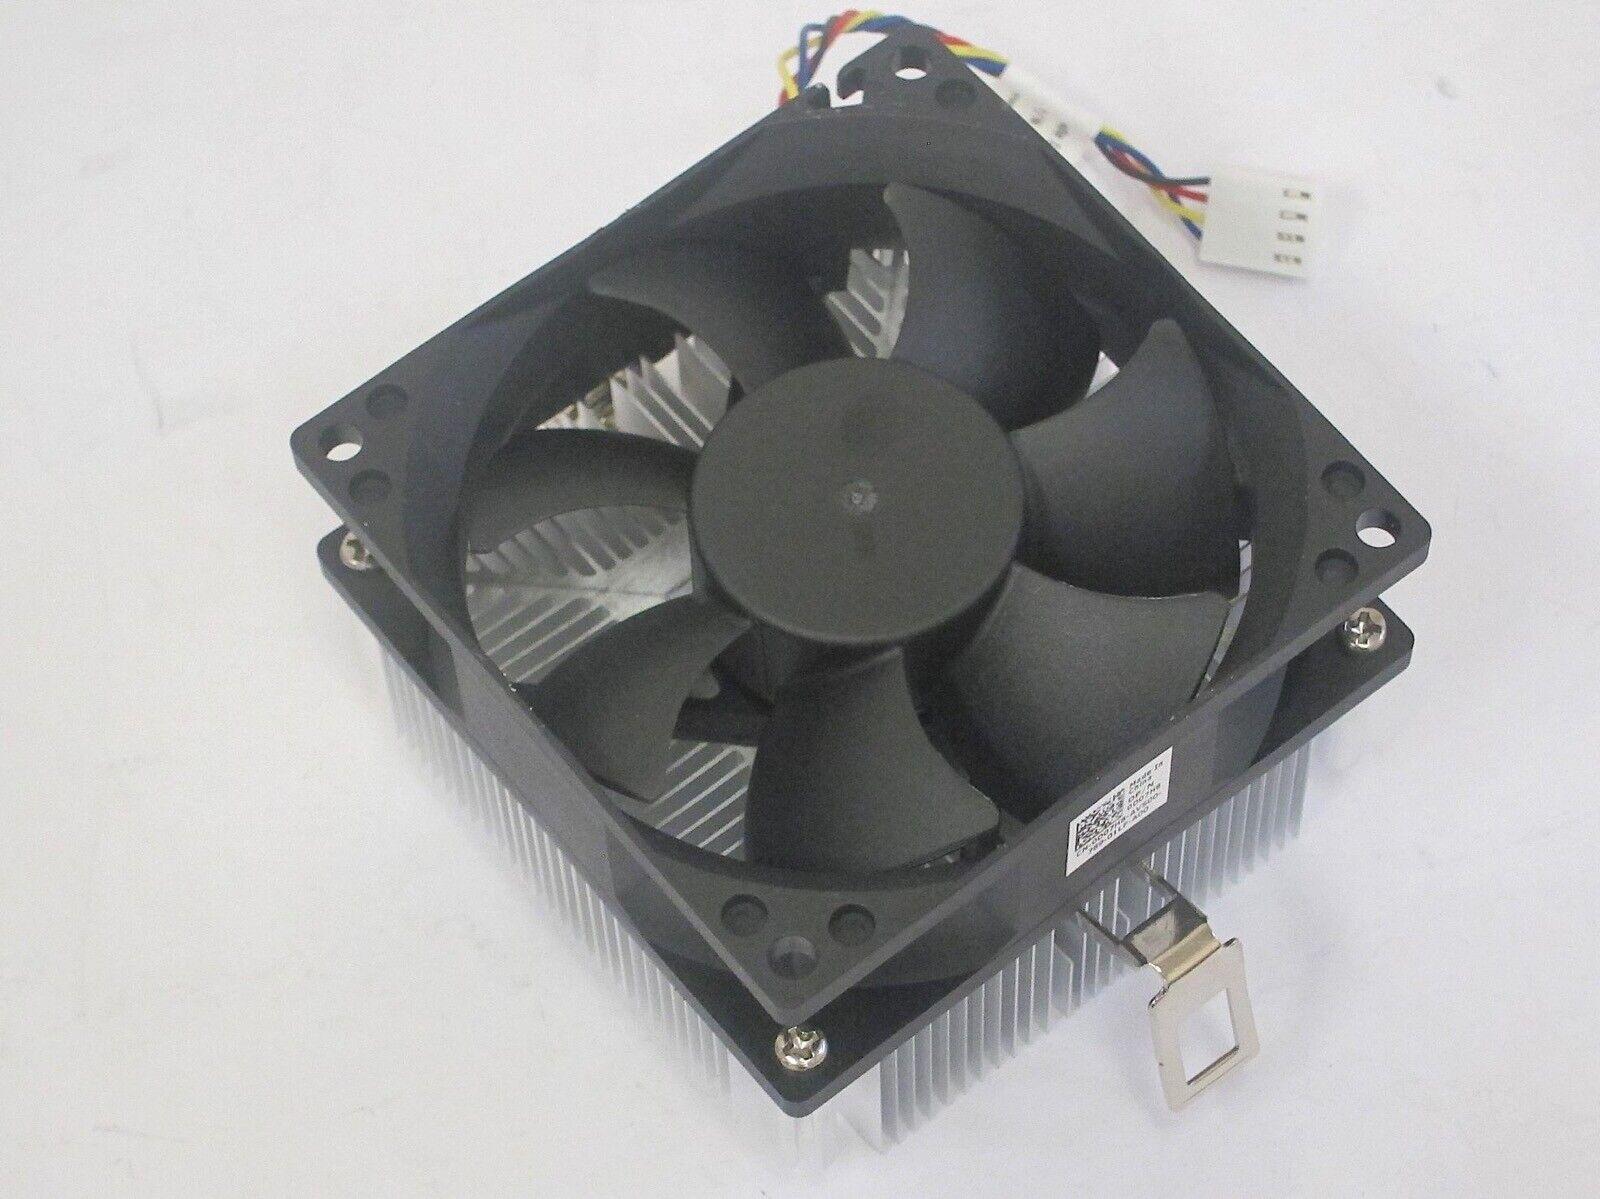 Dell Inspiron 5675 CPU Heatsink Fan Thermal Module Cooler D07H8 0D07H8